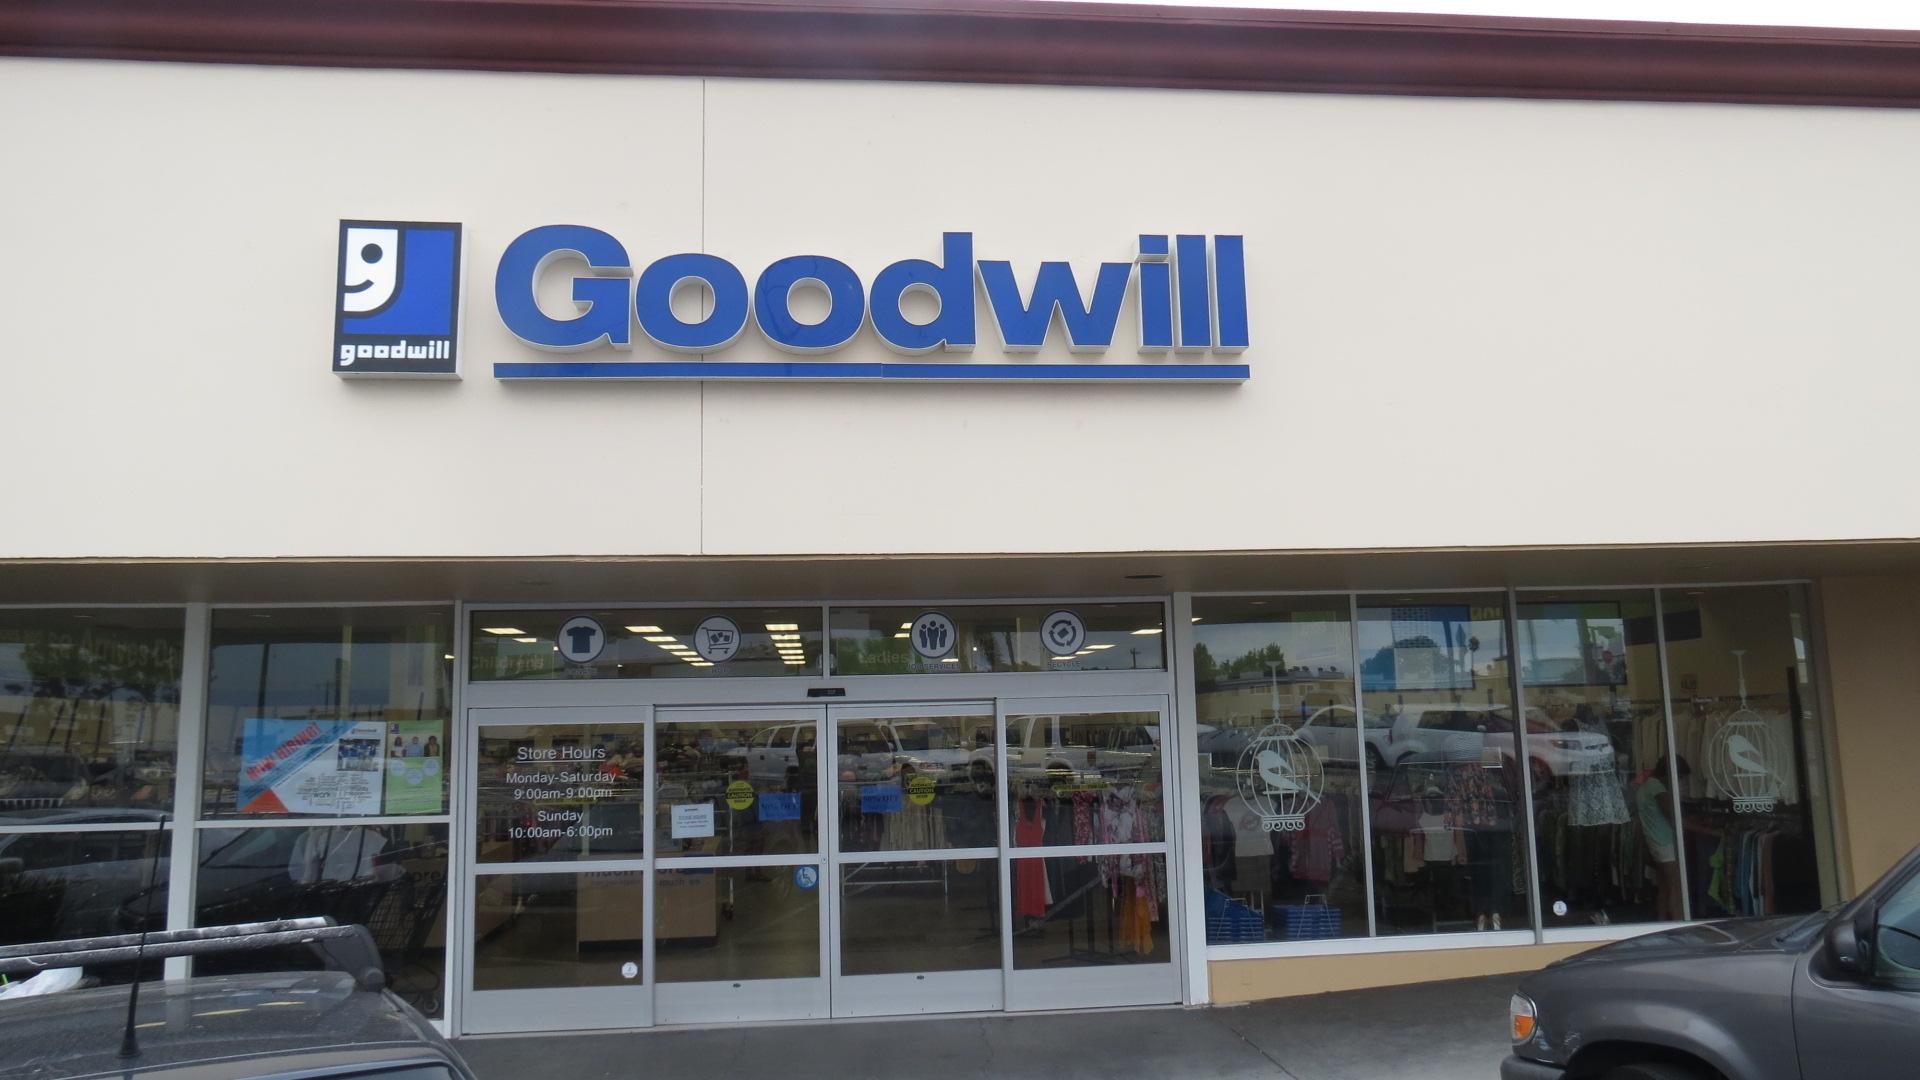 Manhattan Beach Goodwill Retail Store & Donation Center